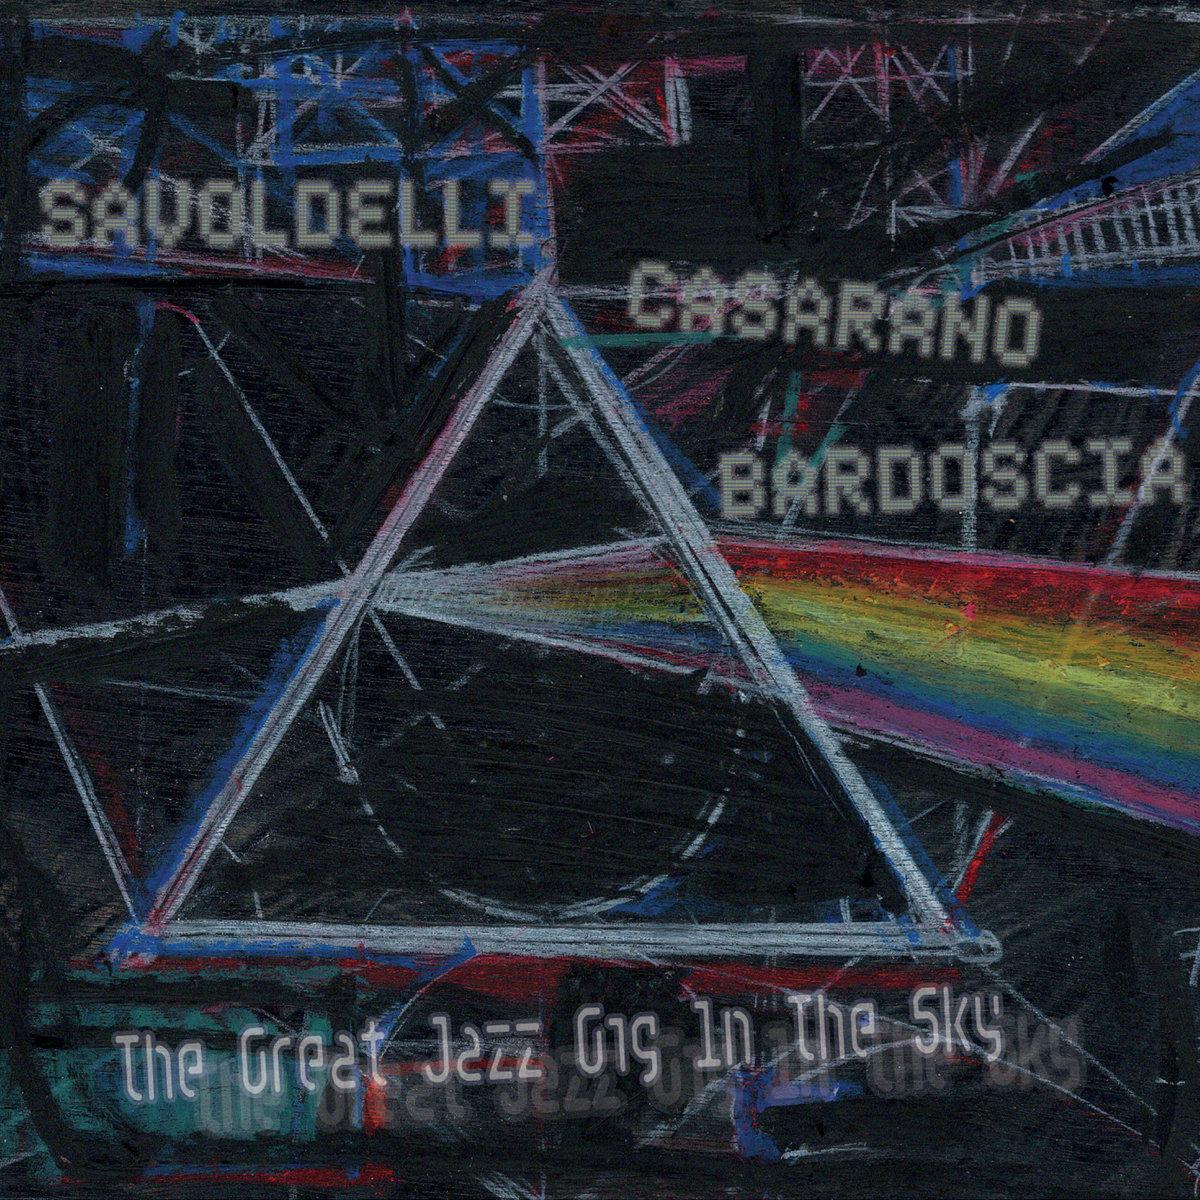 Savoldelli, Casarano, Bardoscia</br>The Great Jazz Gig In The Sky</br>Moonejune, 2016